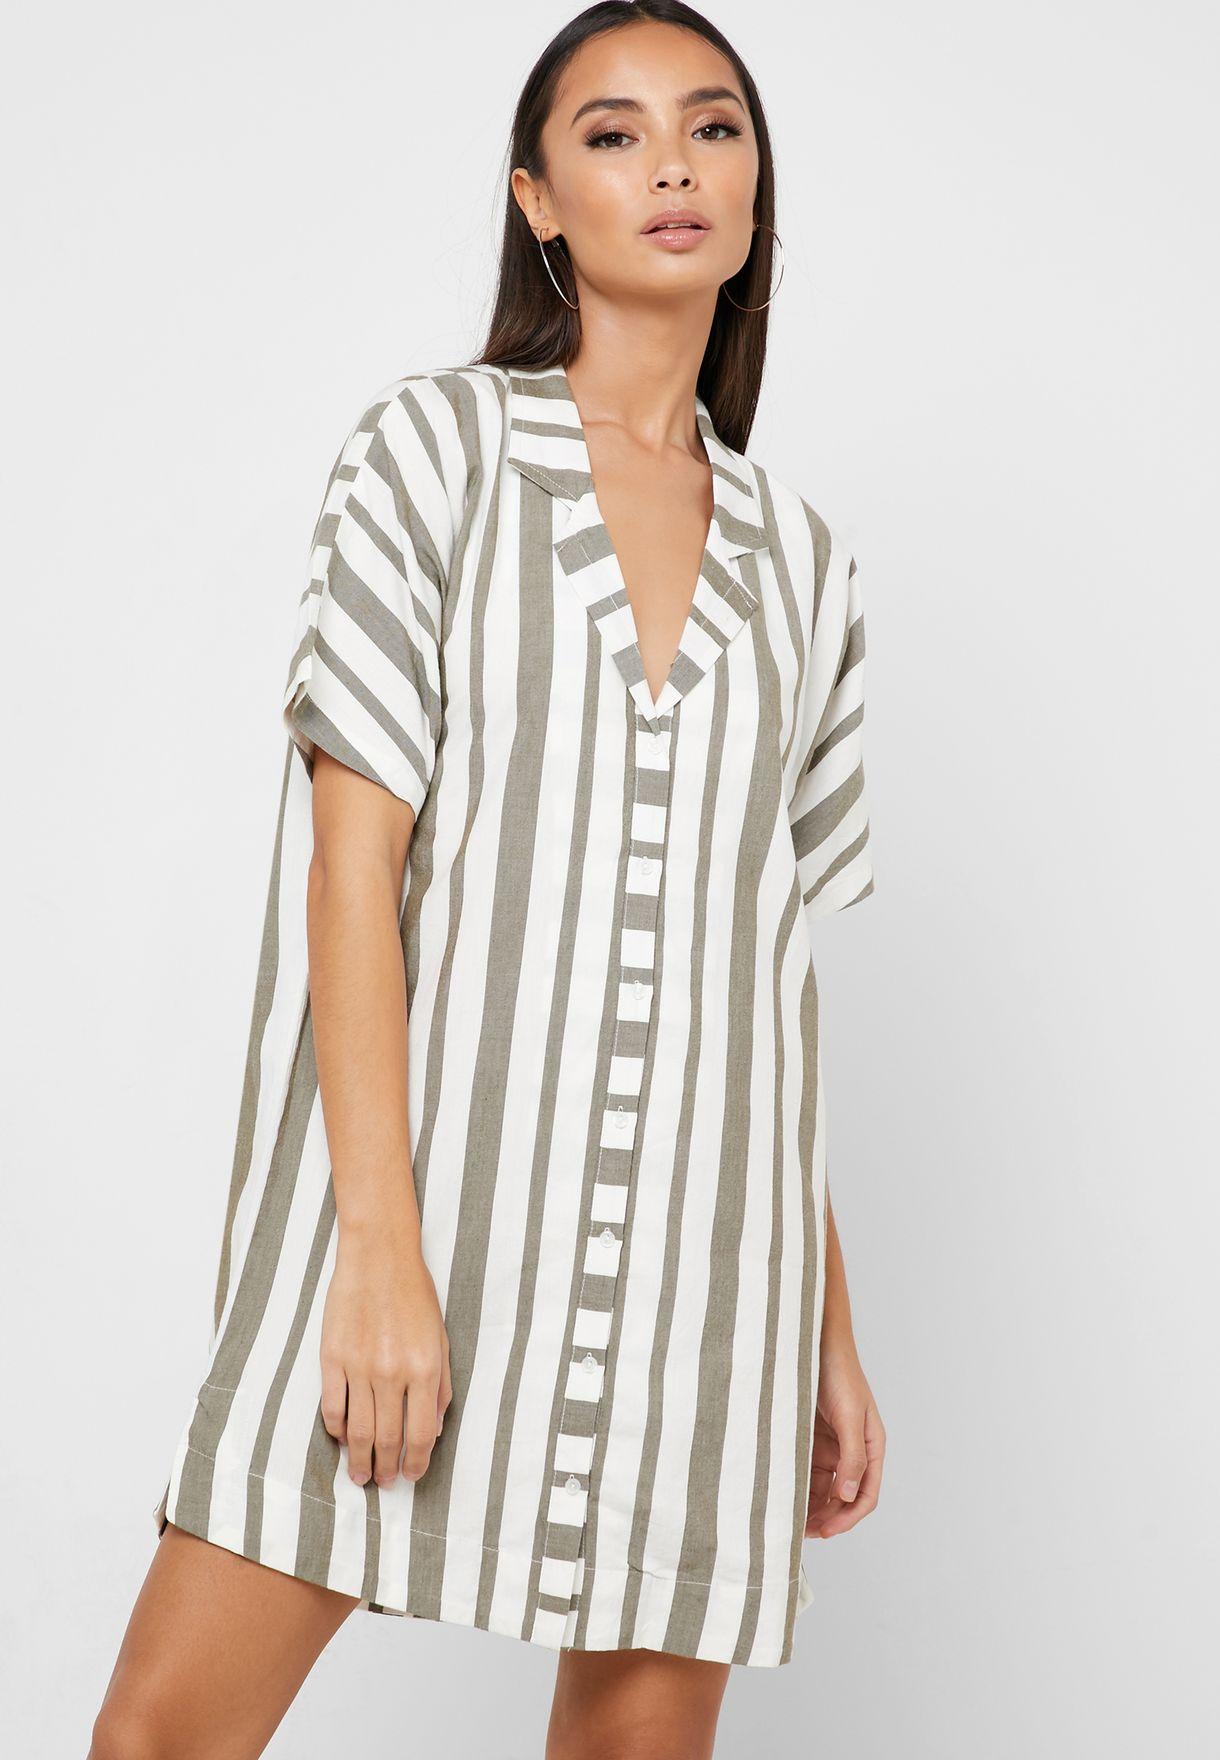 Storm Striped Dress